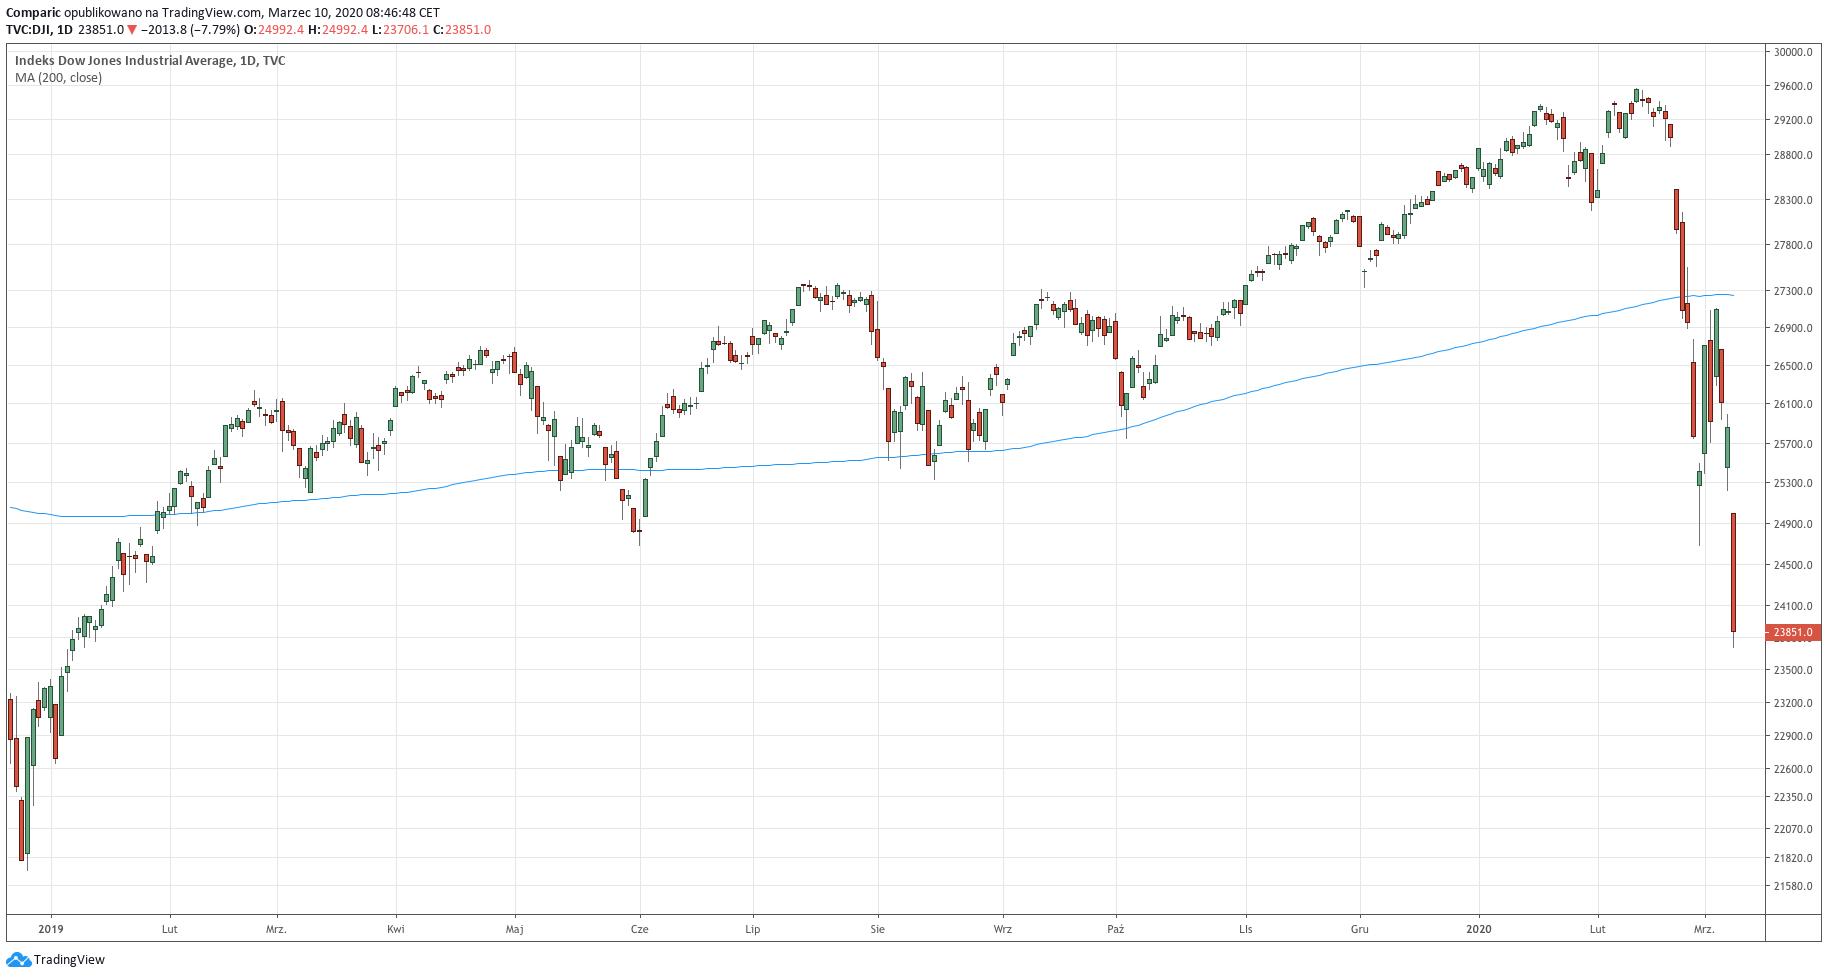 Wykres dzienny indeksu Dow Jones - 10 marca 2020 r.